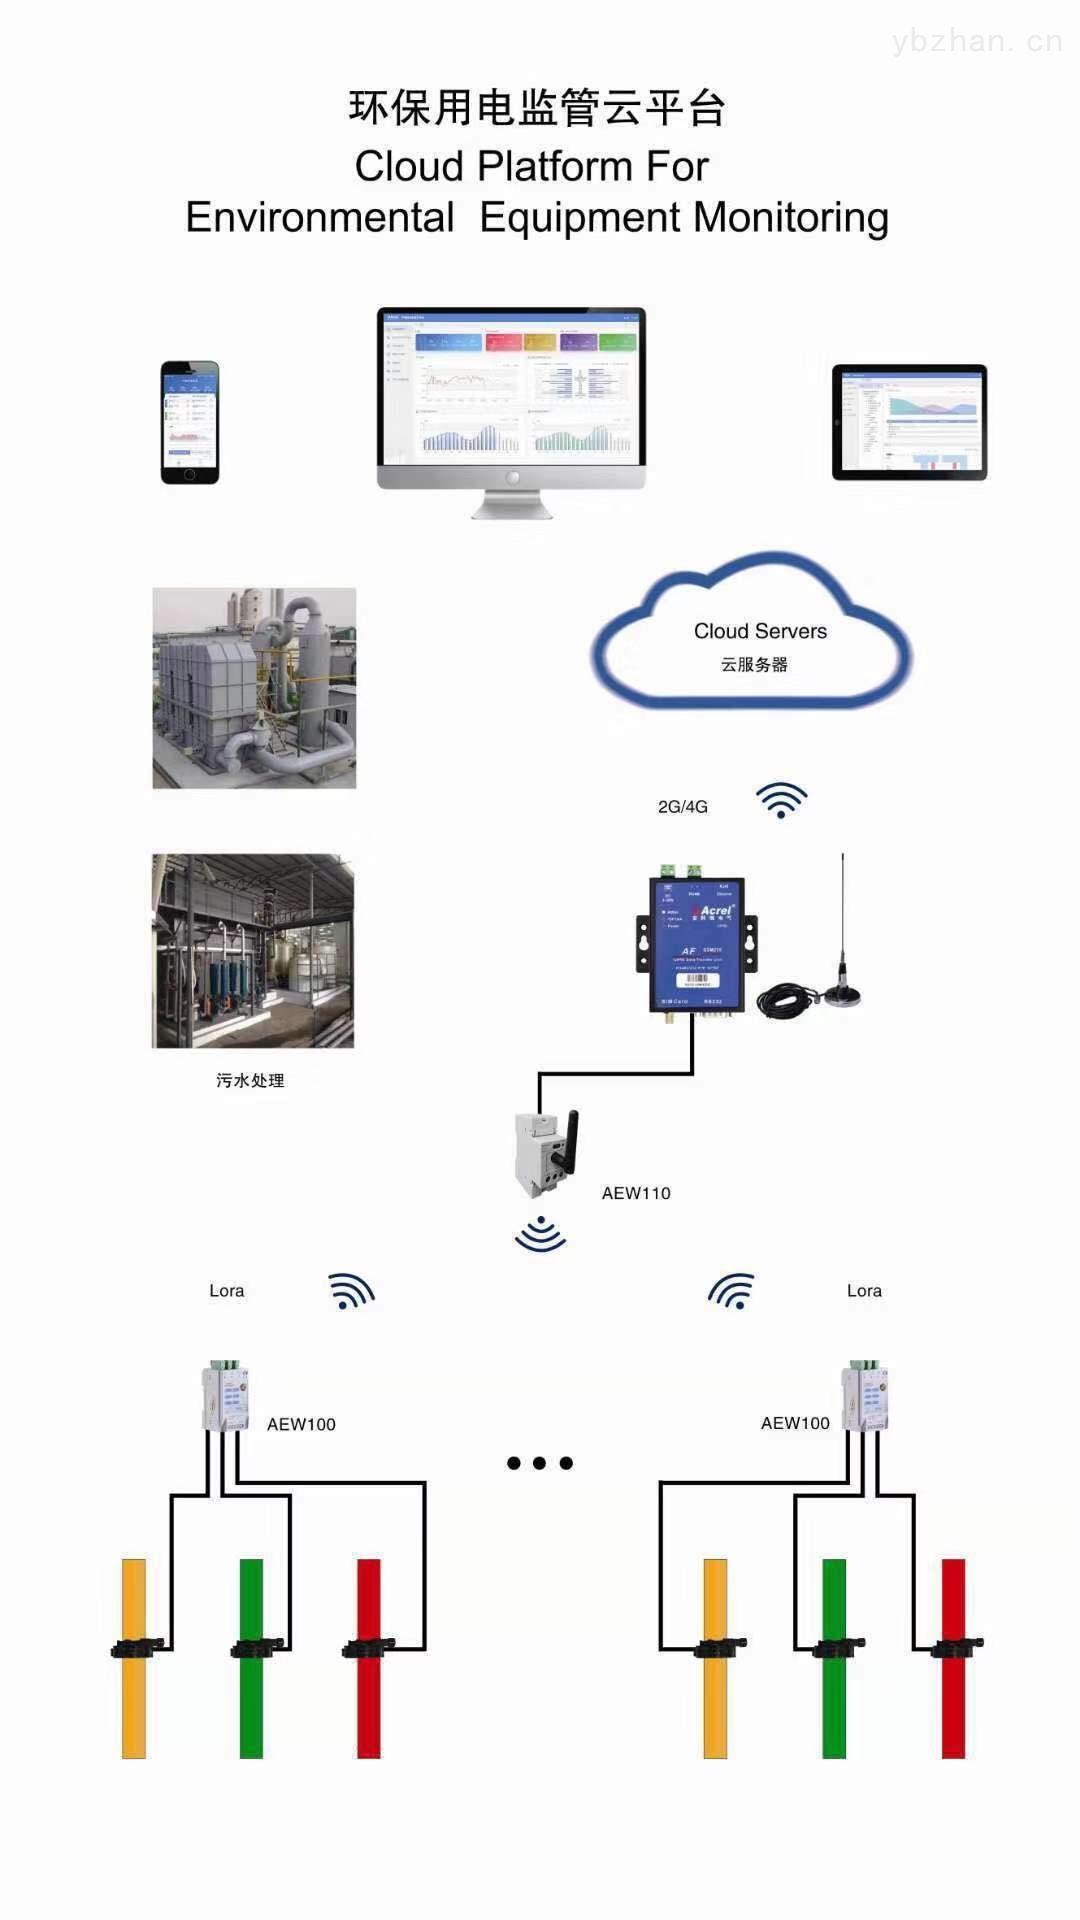 环保用电监管云平台